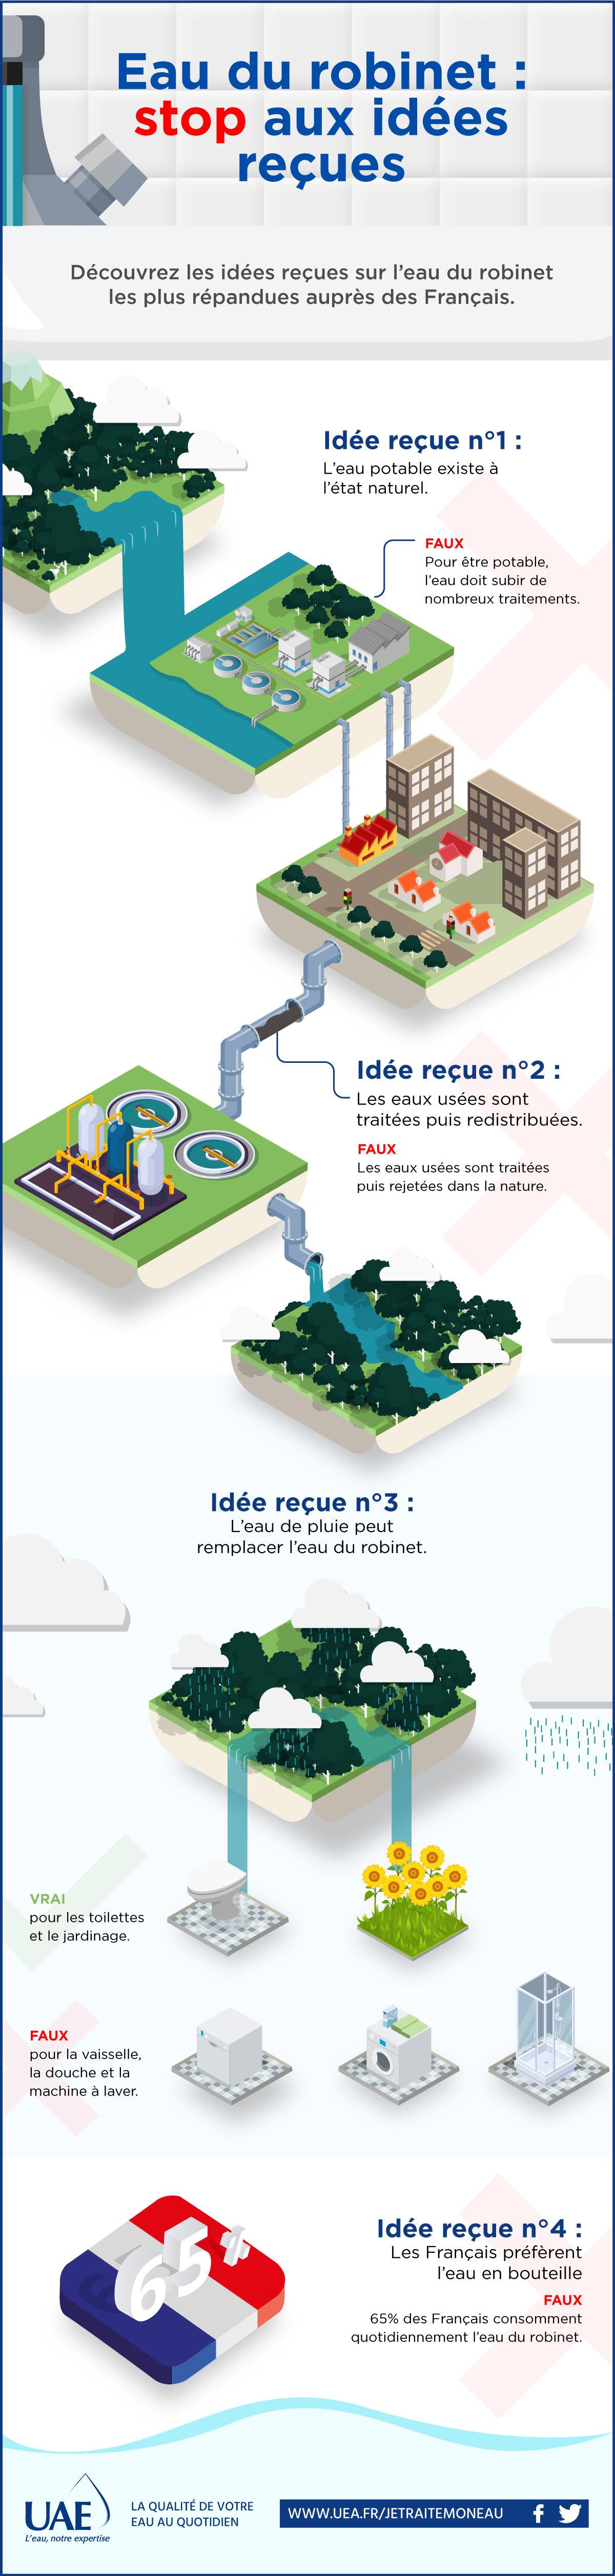 idées reçue eau